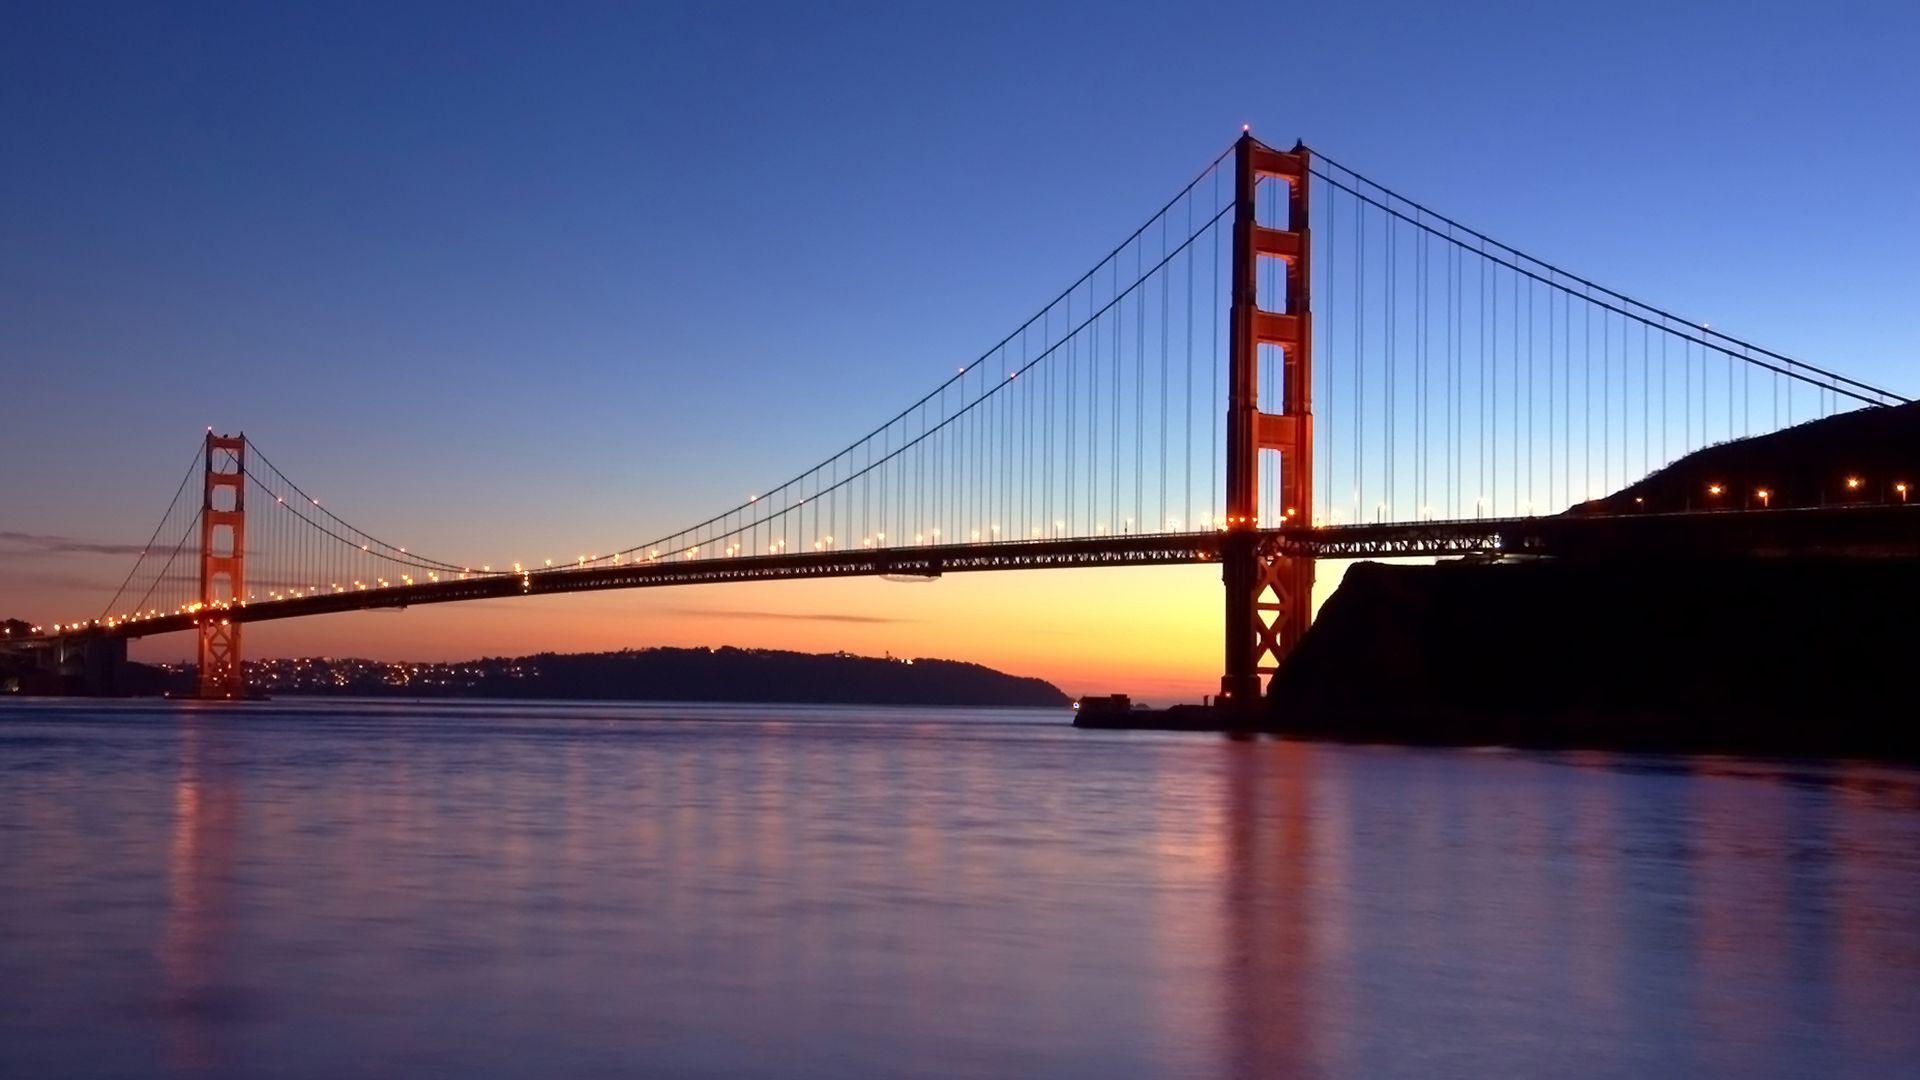 Golden gate bridge Google Image Result for http//www